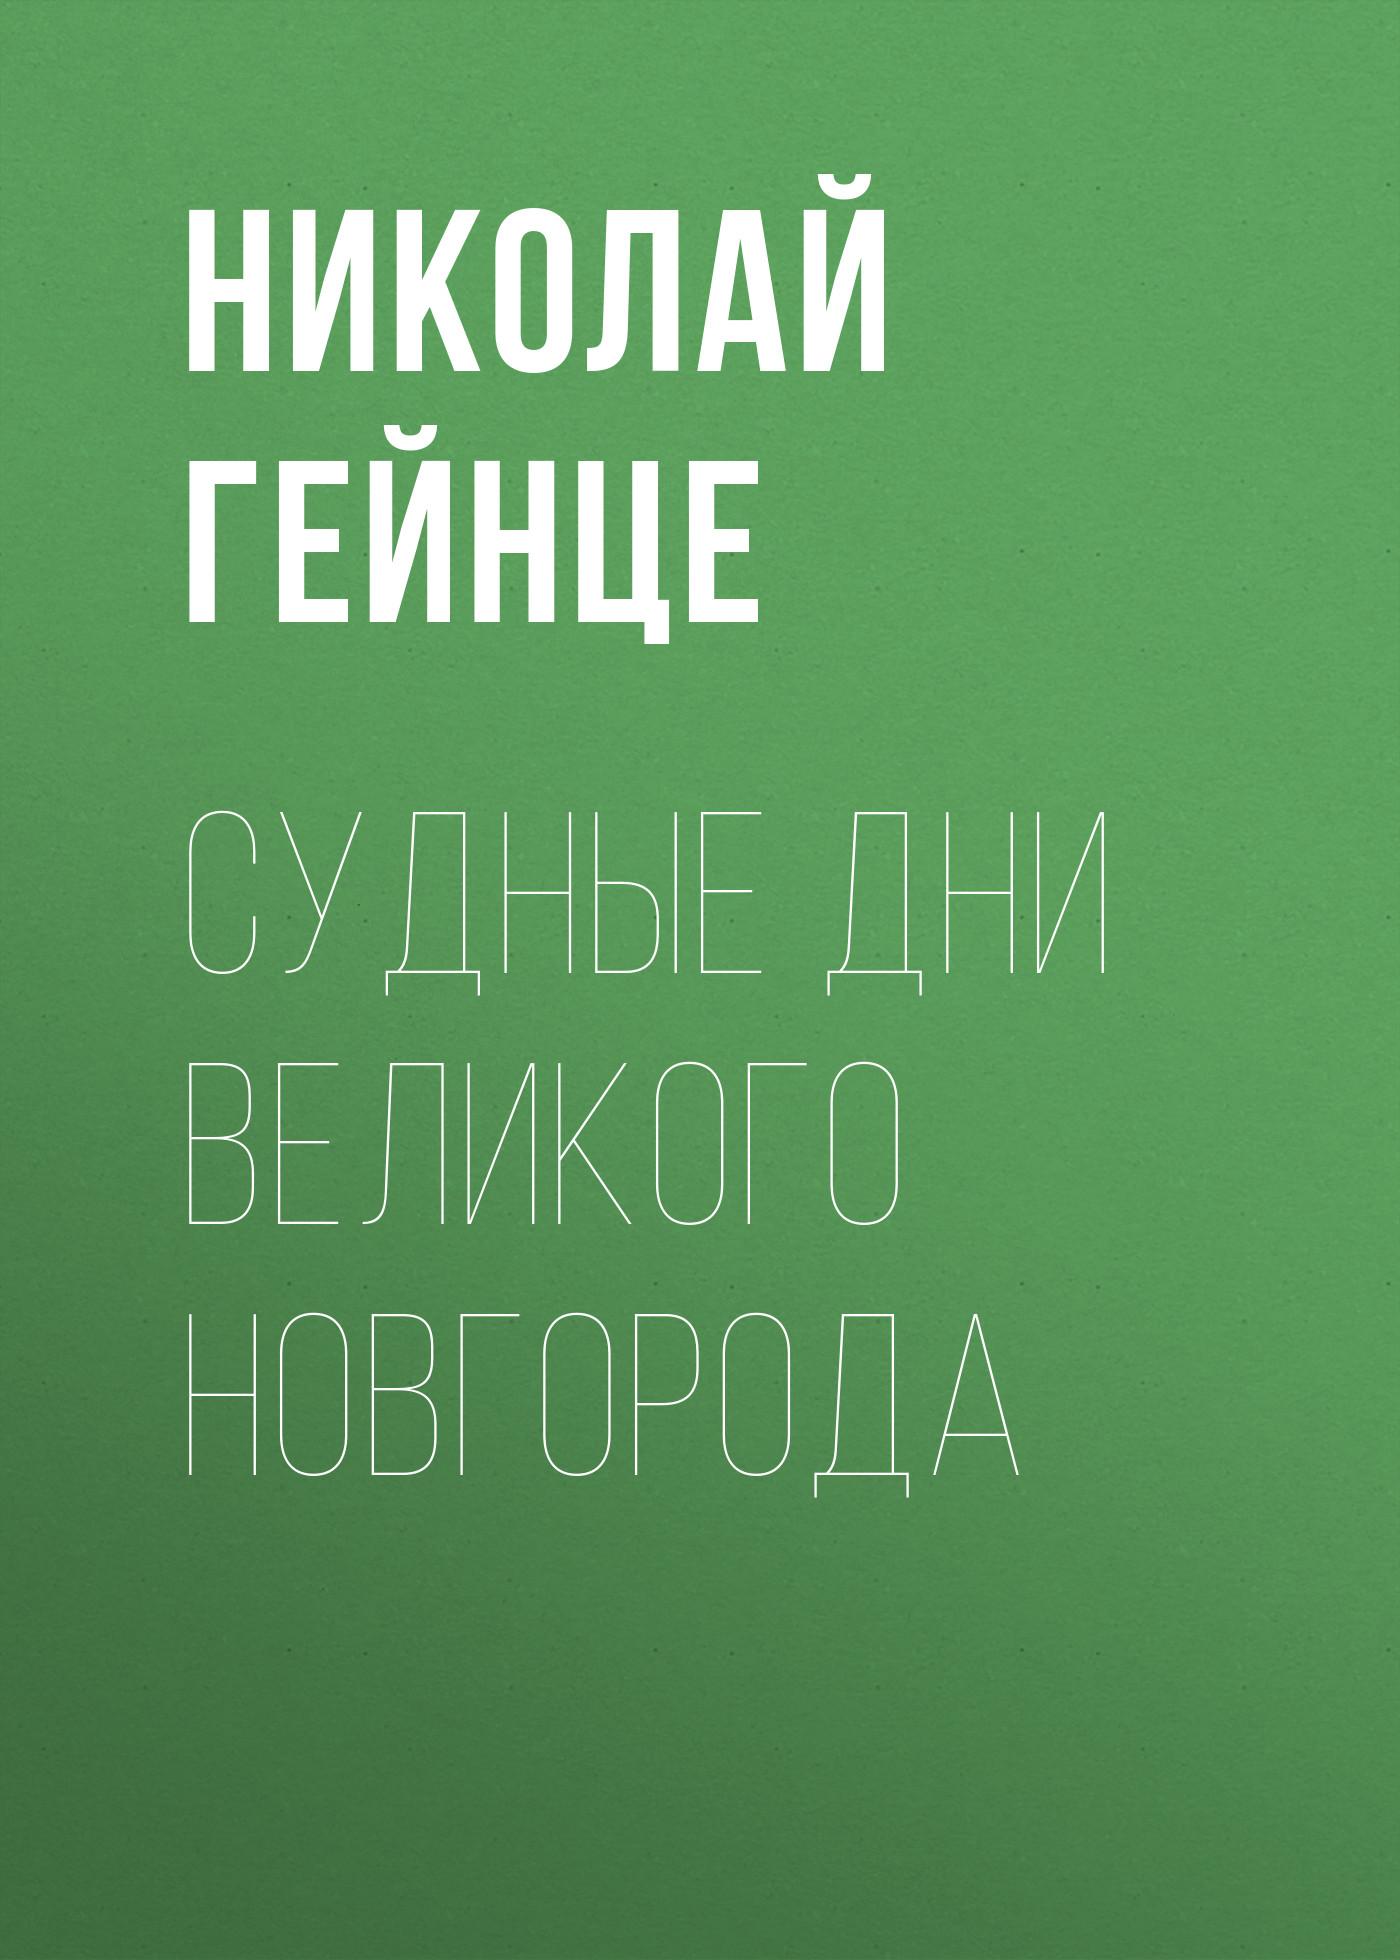 Фото - Николай Гейнце Судные дни Великого Новгорода николай гейнце прощенное воскресенье